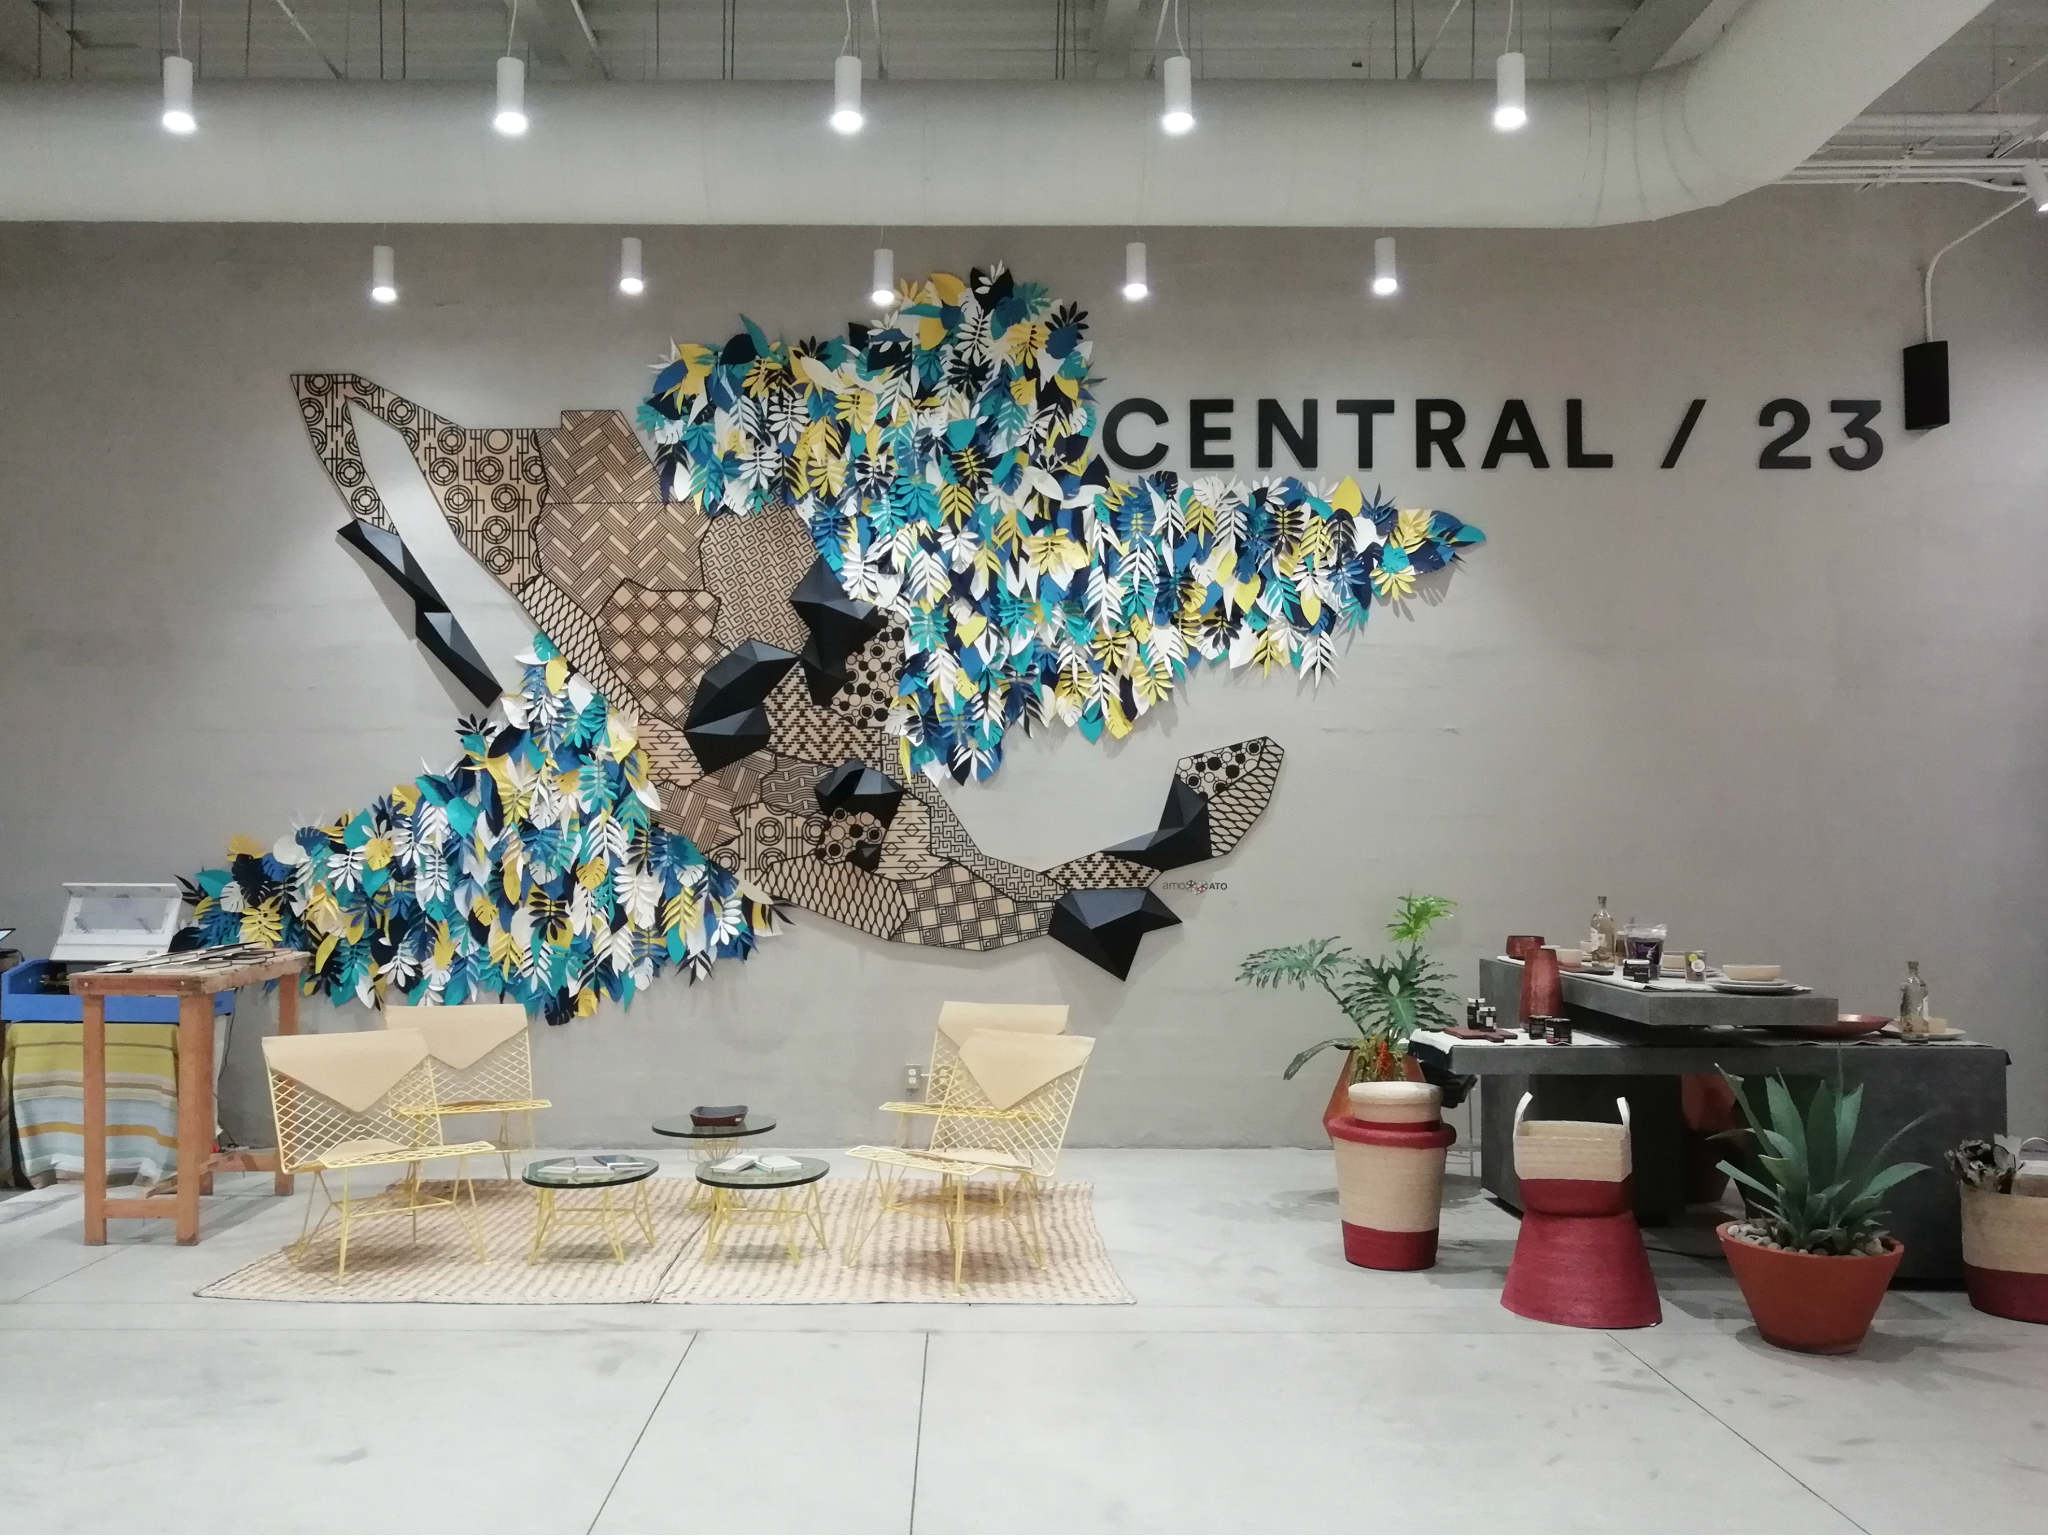 Central 23, la nueva tienda de diseño nacional con más de 50 marcas